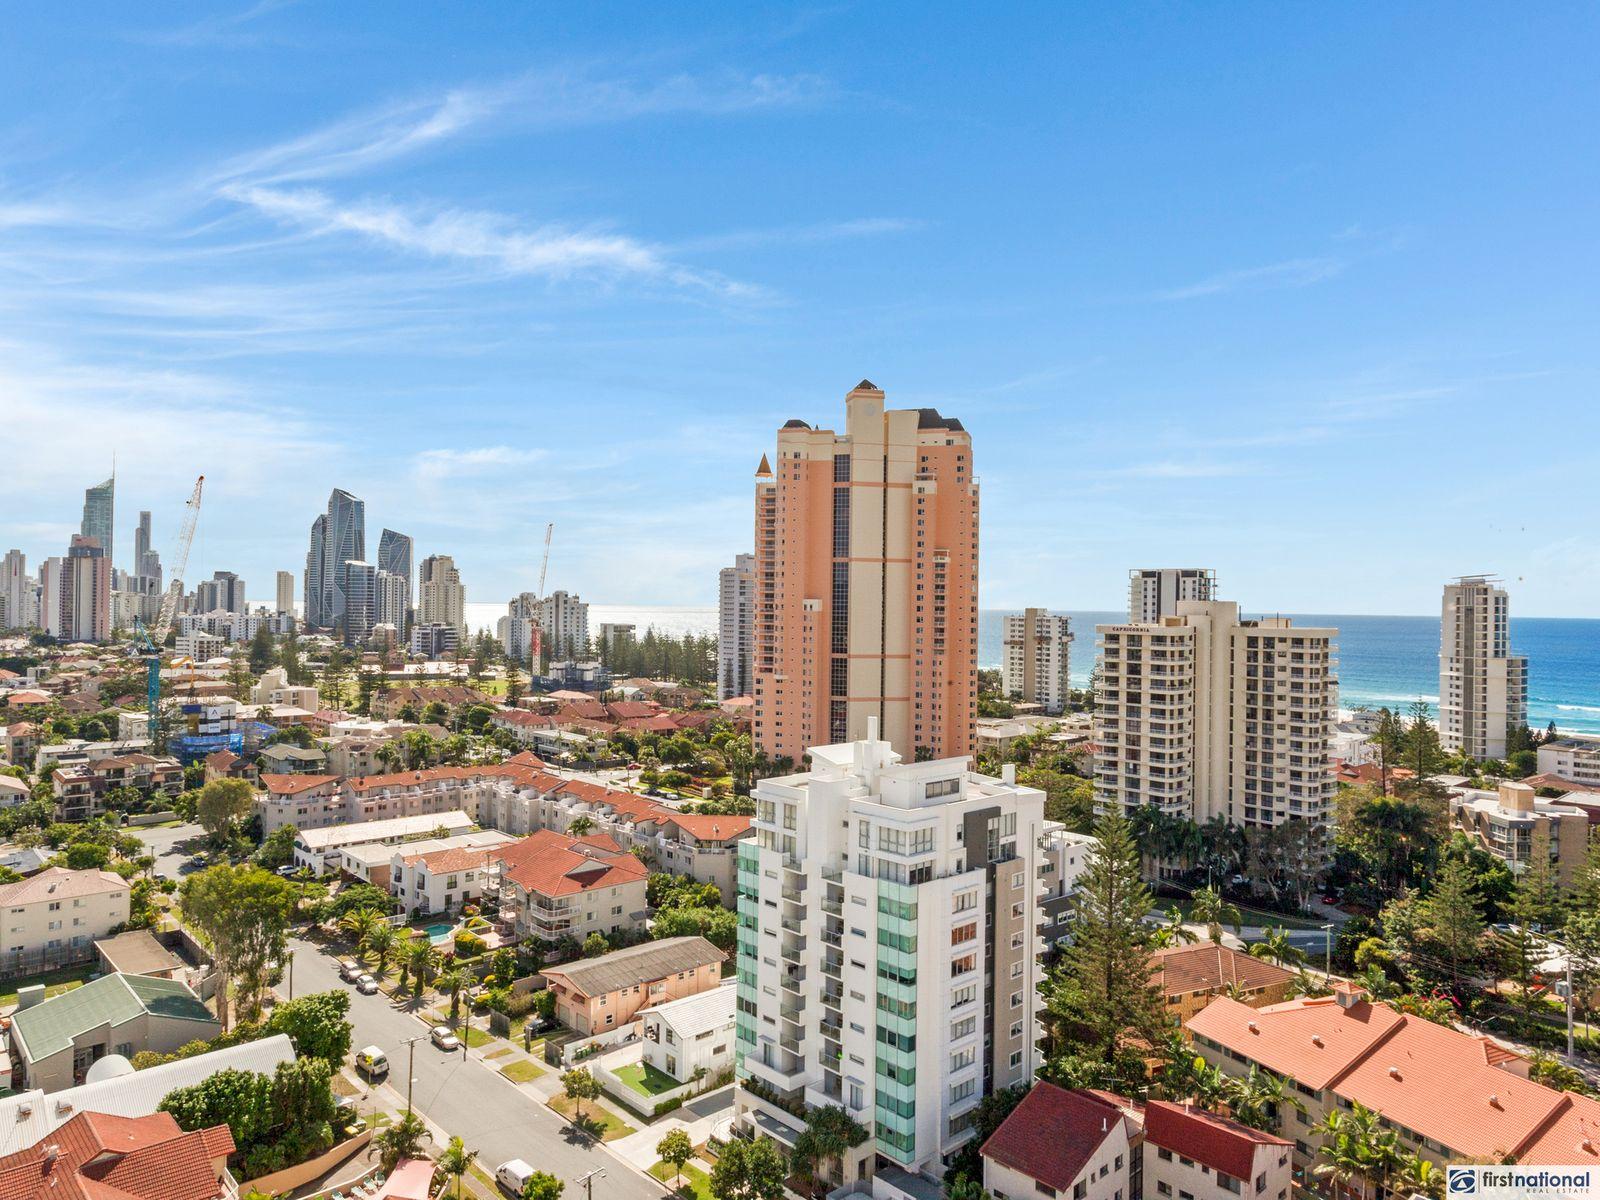 75/31 Queensland Avenue, Broadbeach, QLD 4218